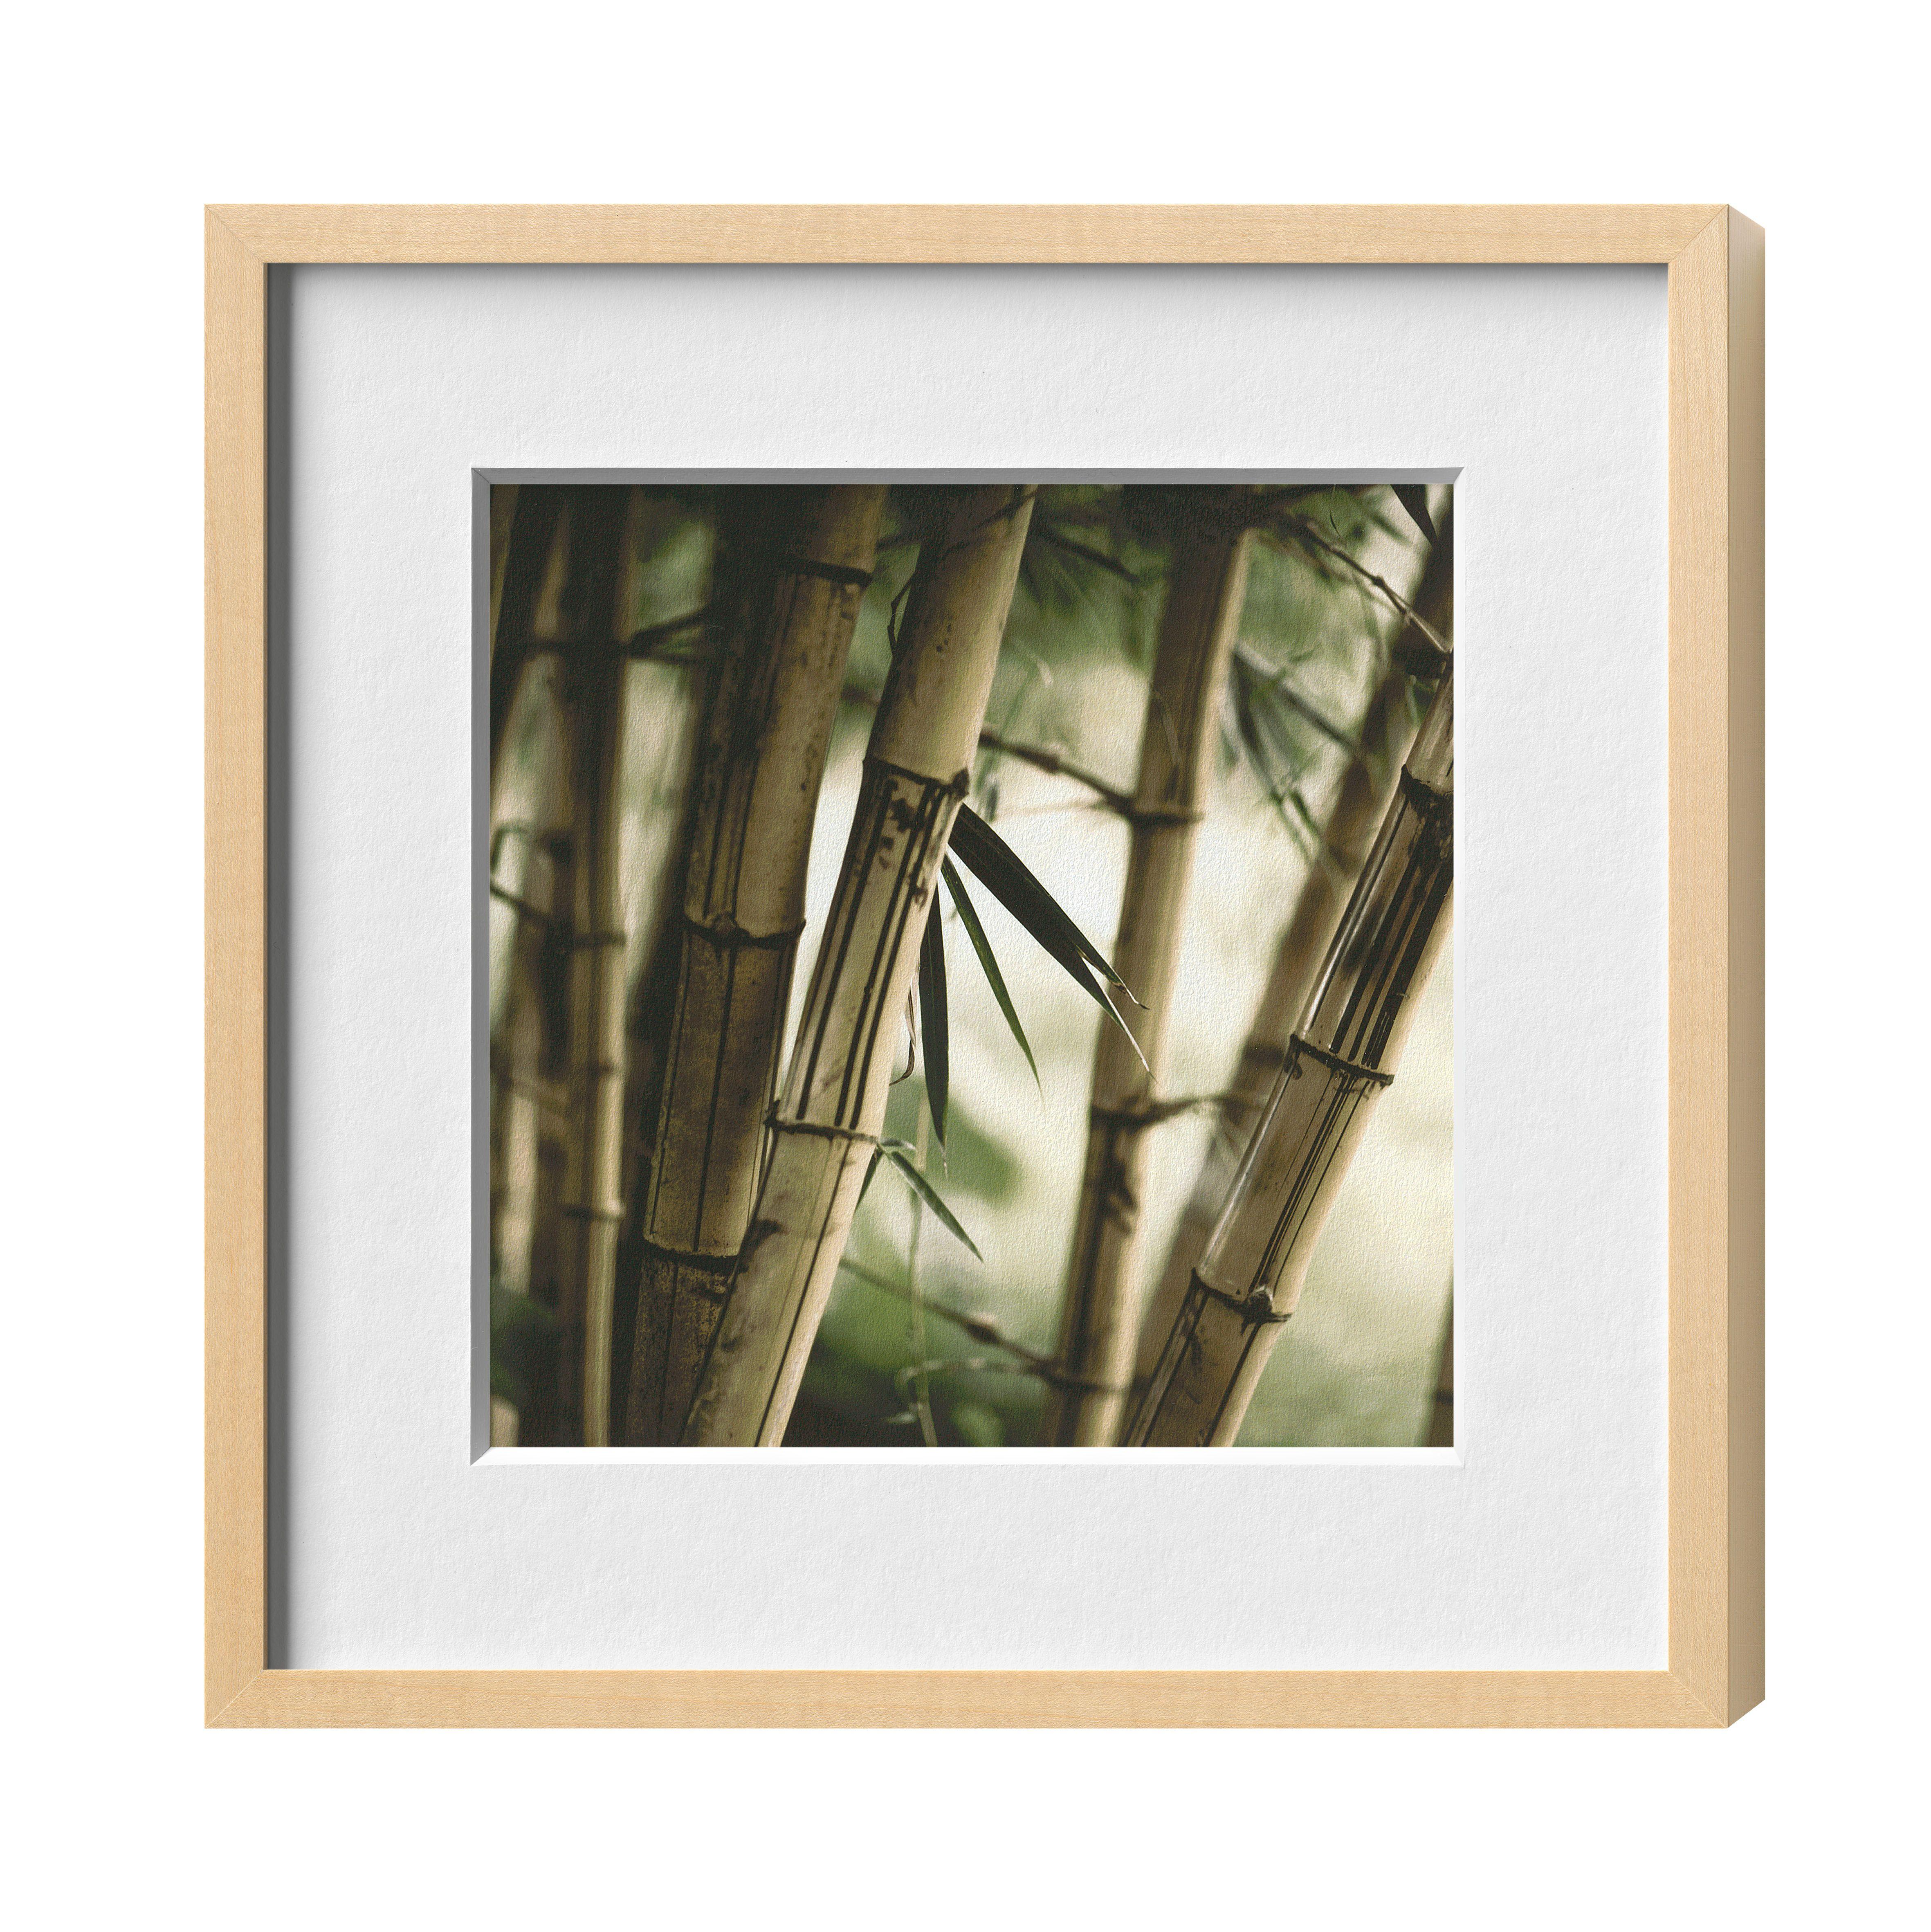 Halbe Magnetrahmen Bambus Tapete Fototapete Tapeten